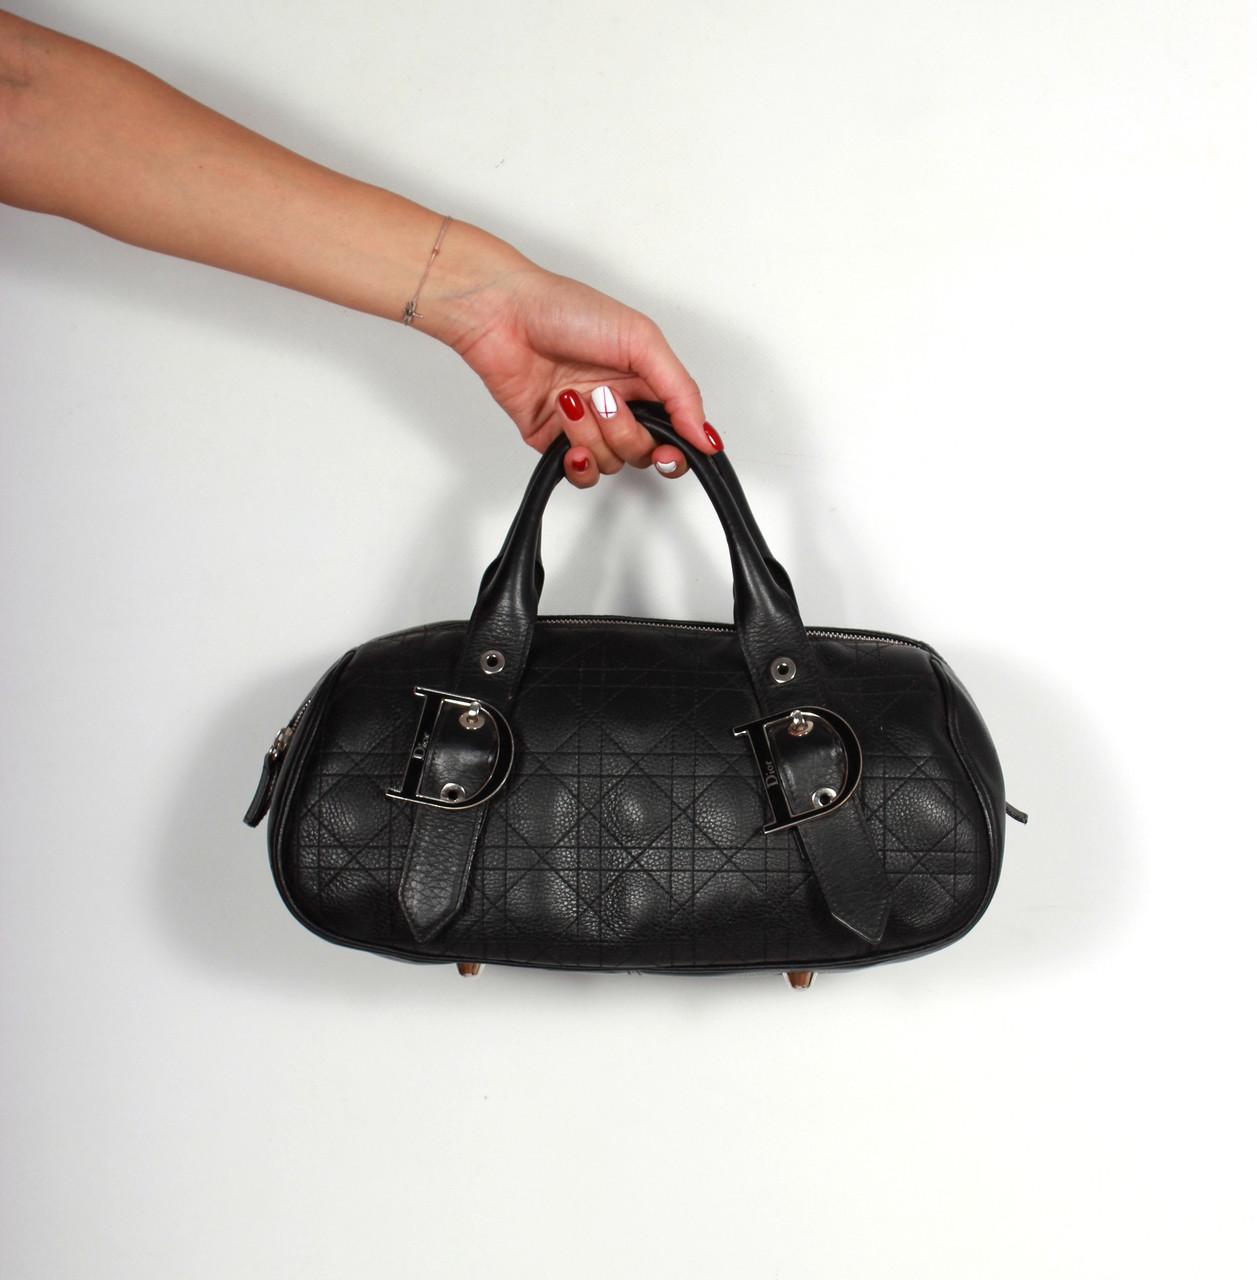 Купить сумку Christian Dior в комиссионном магазине Киев Refresh ... 666c2501f13